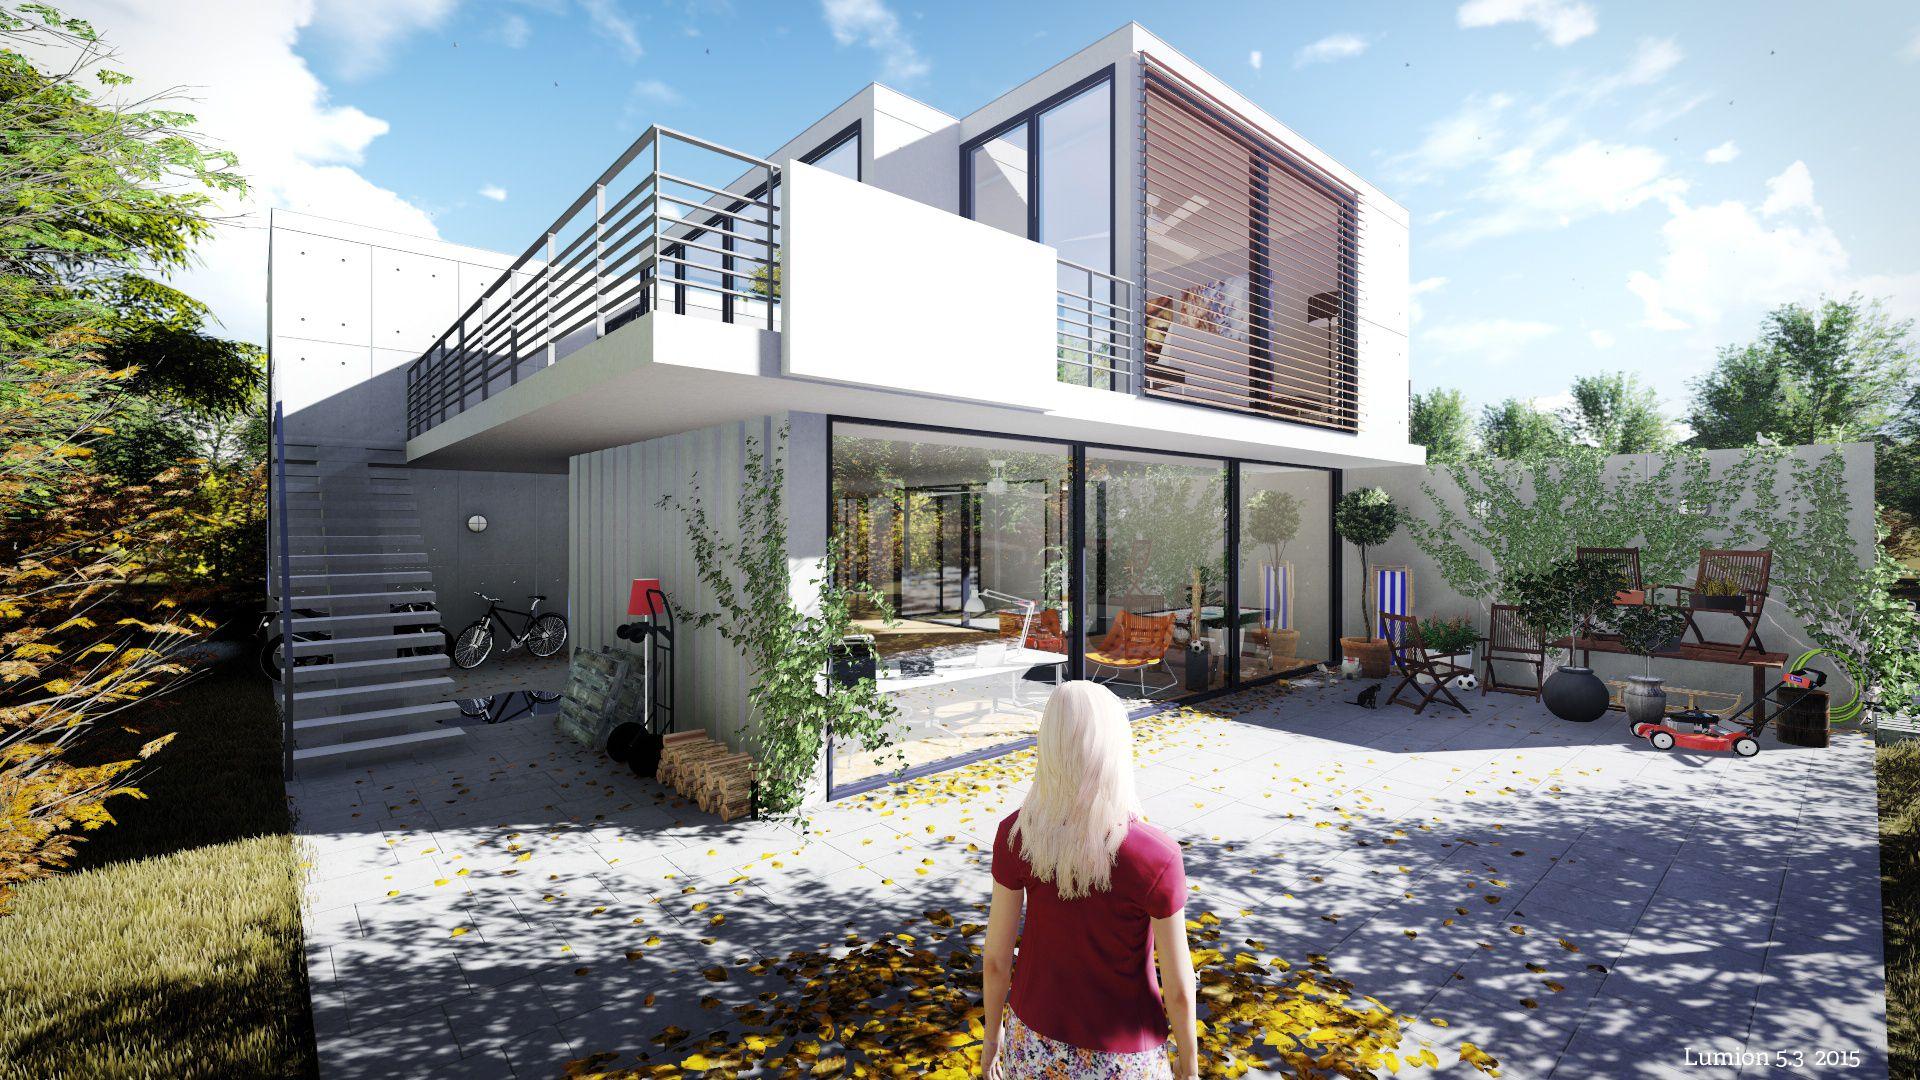 visualisierung eines einfamilienhauses lumion 5 3 lumion 3d bilder pinterest. Black Bedroom Furniture Sets. Home Design Ideas